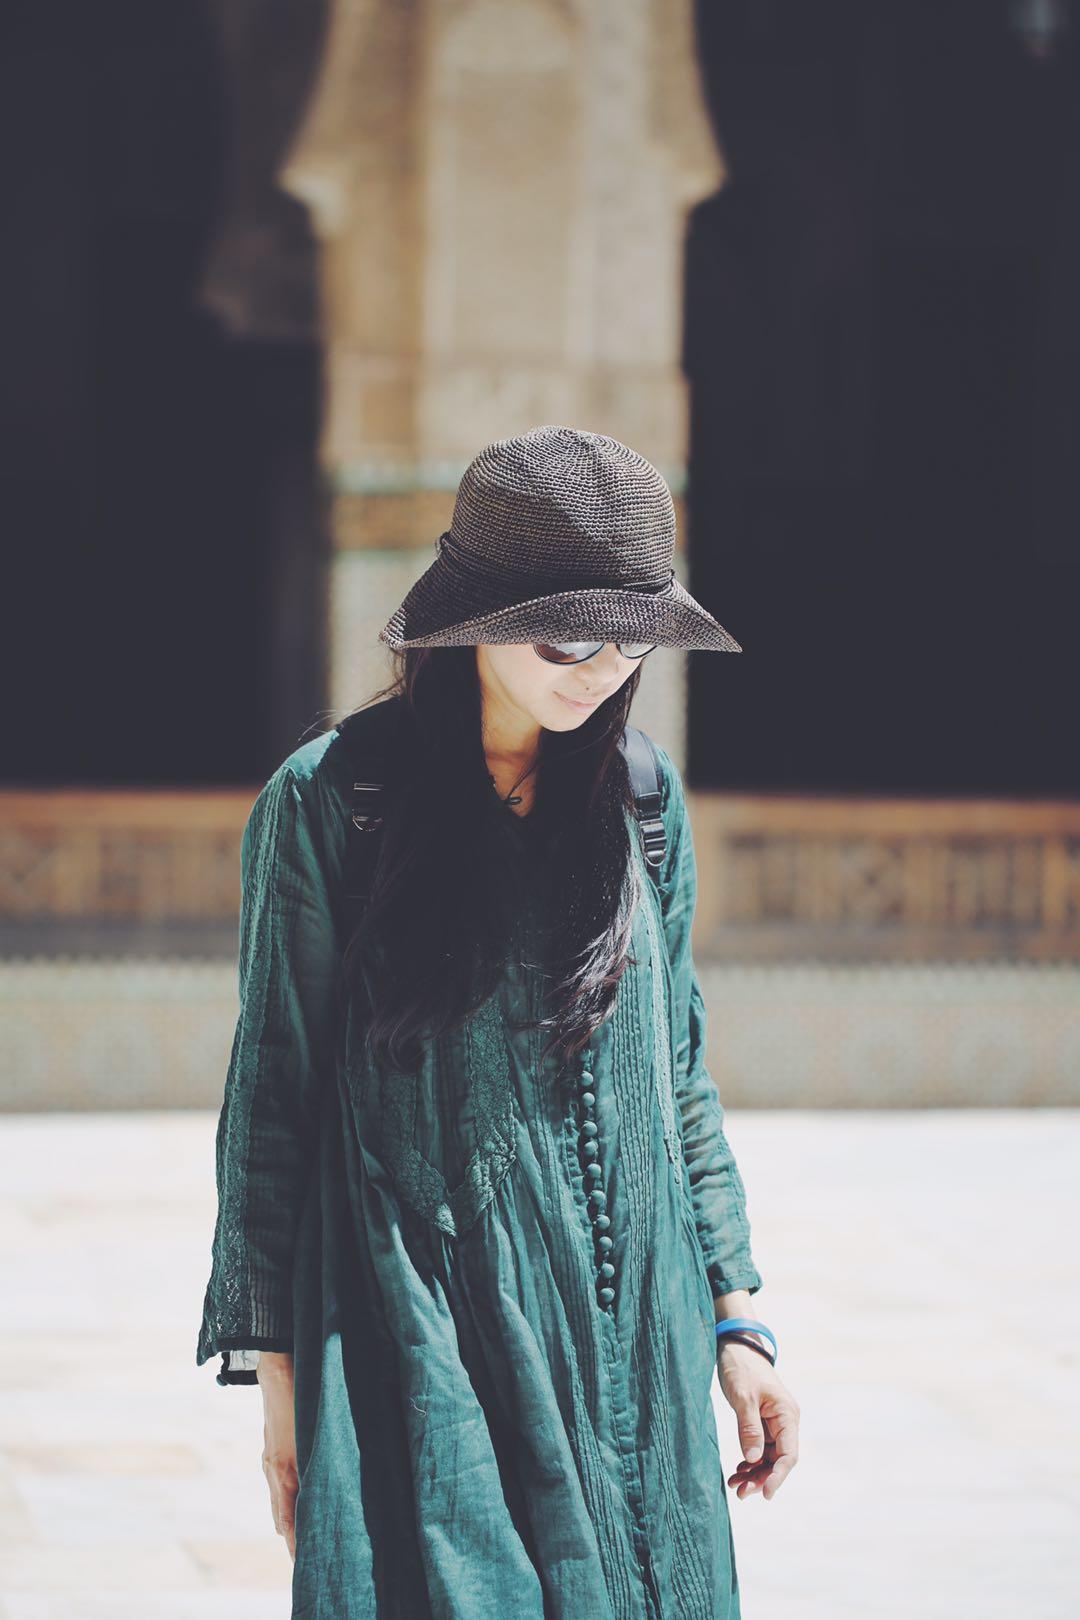 雖然在台北生活多年,但萬芳會突然發現街巷裏過去沒察覺到的美。